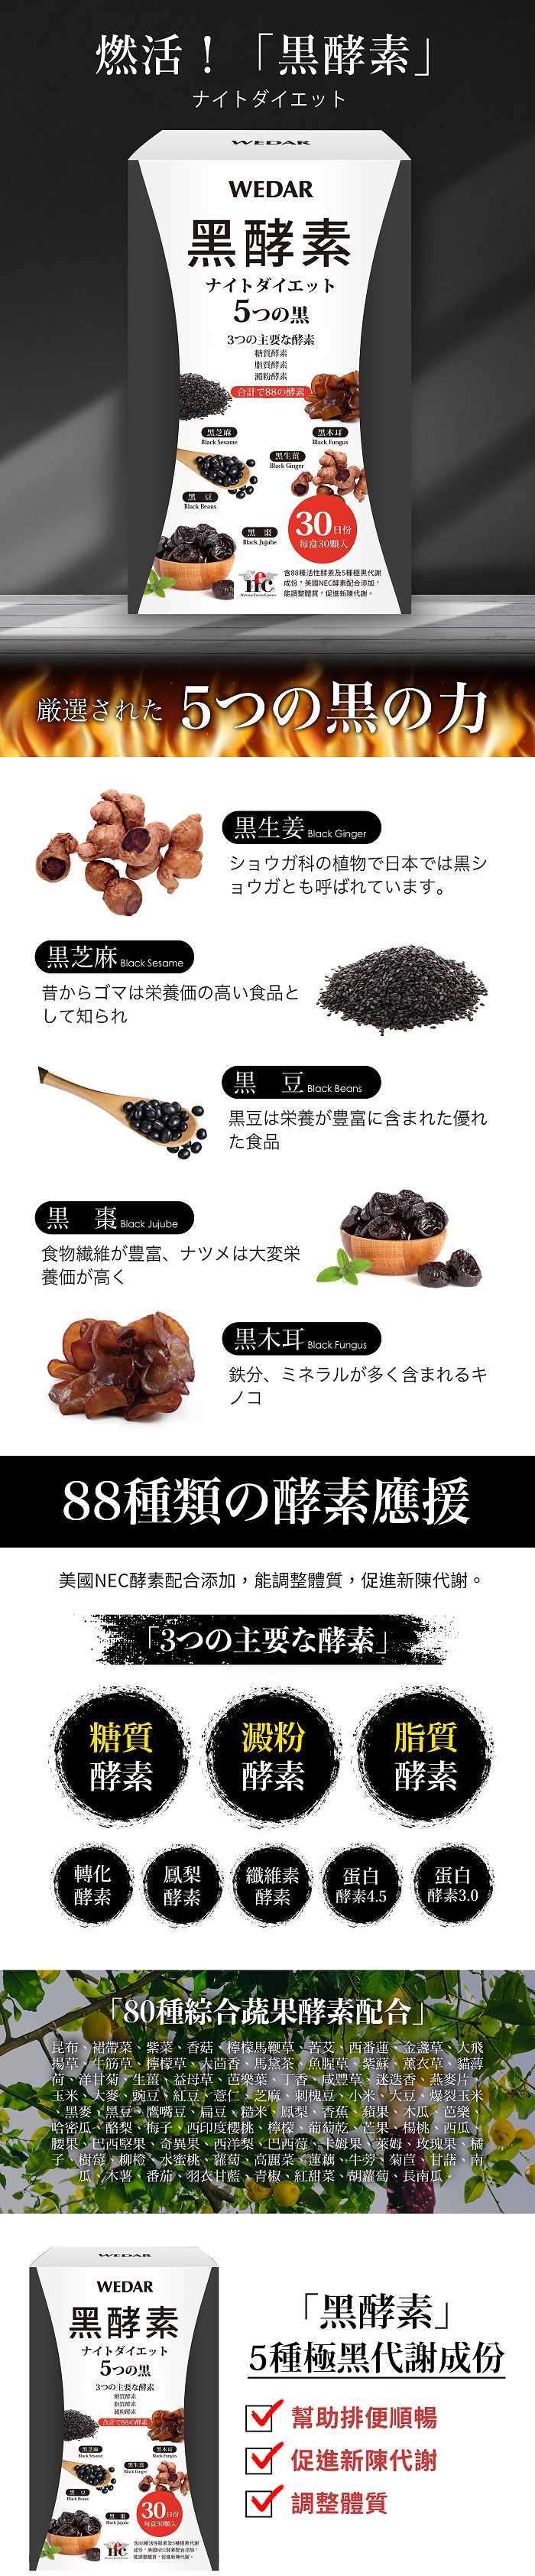 WEDAR 薇達-黑酵素商品介紹。